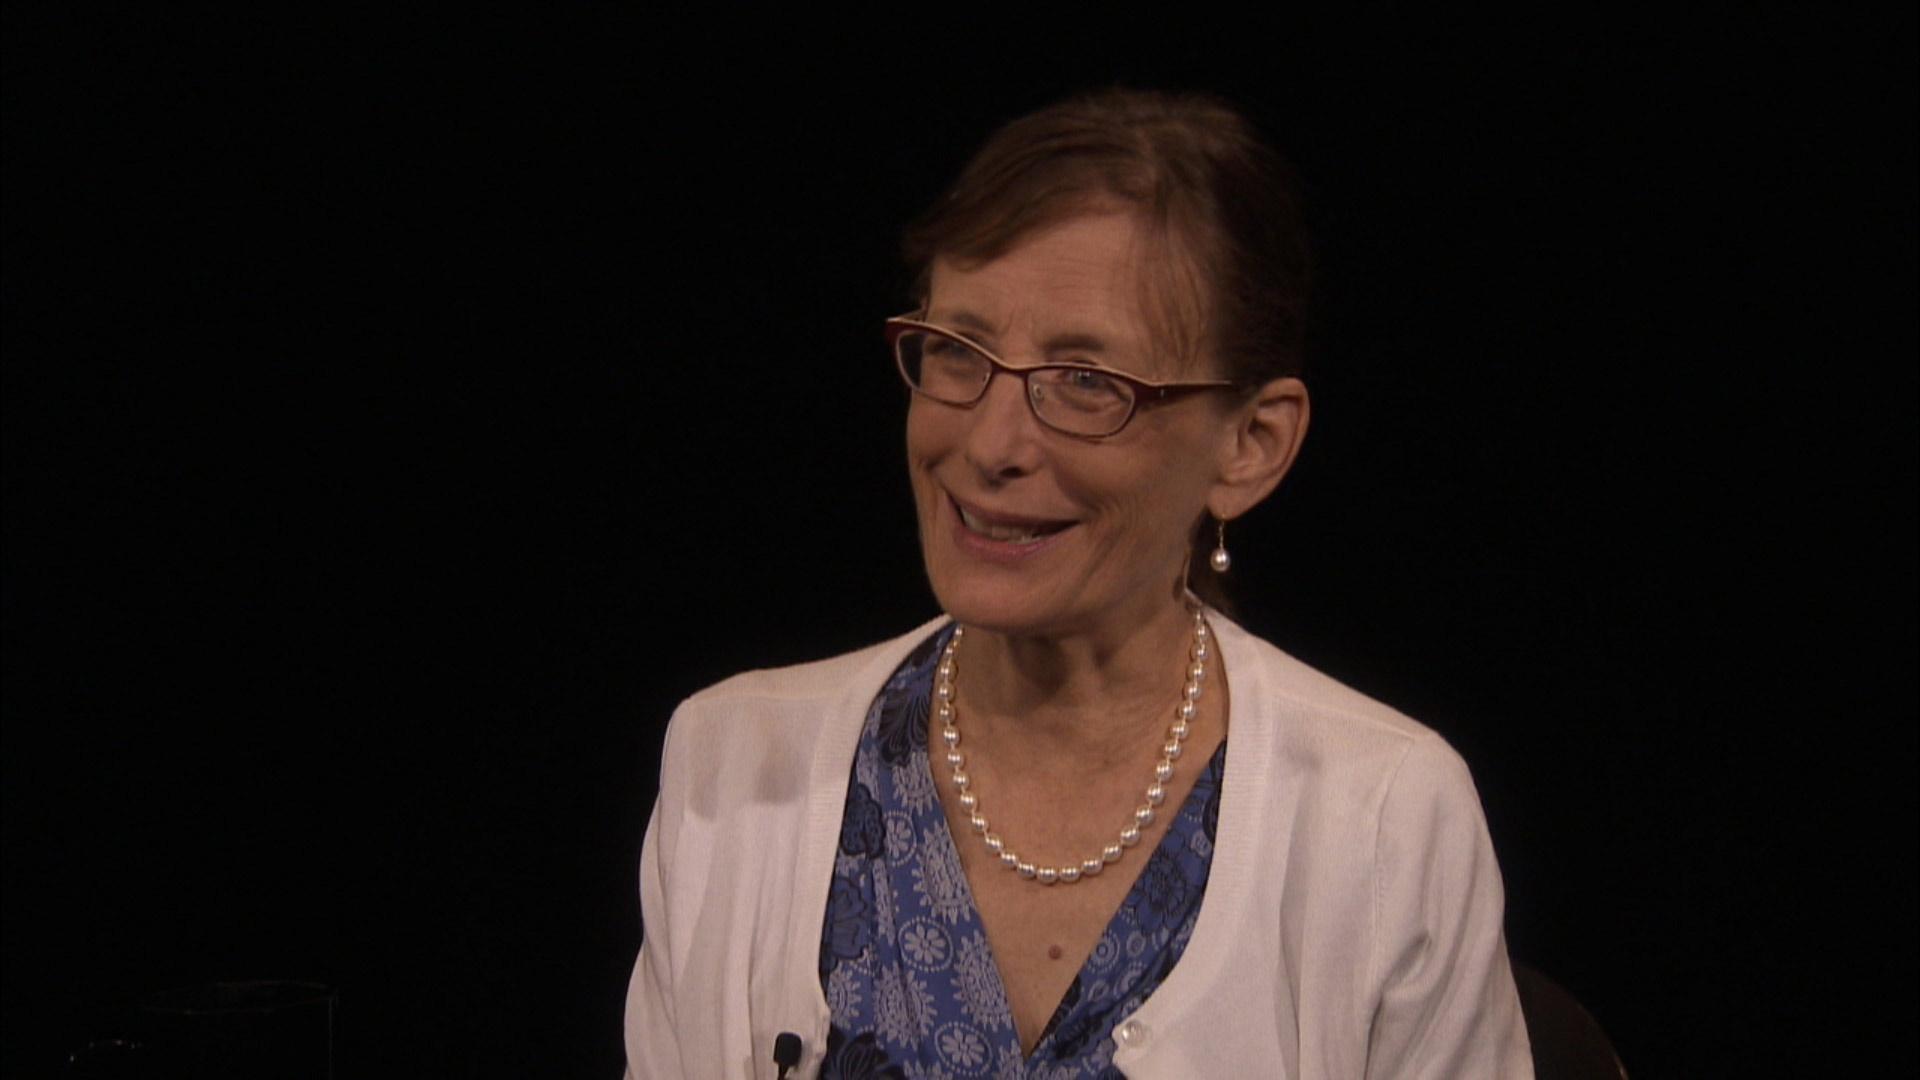 Bringing palliative care into mainstream American medicine image